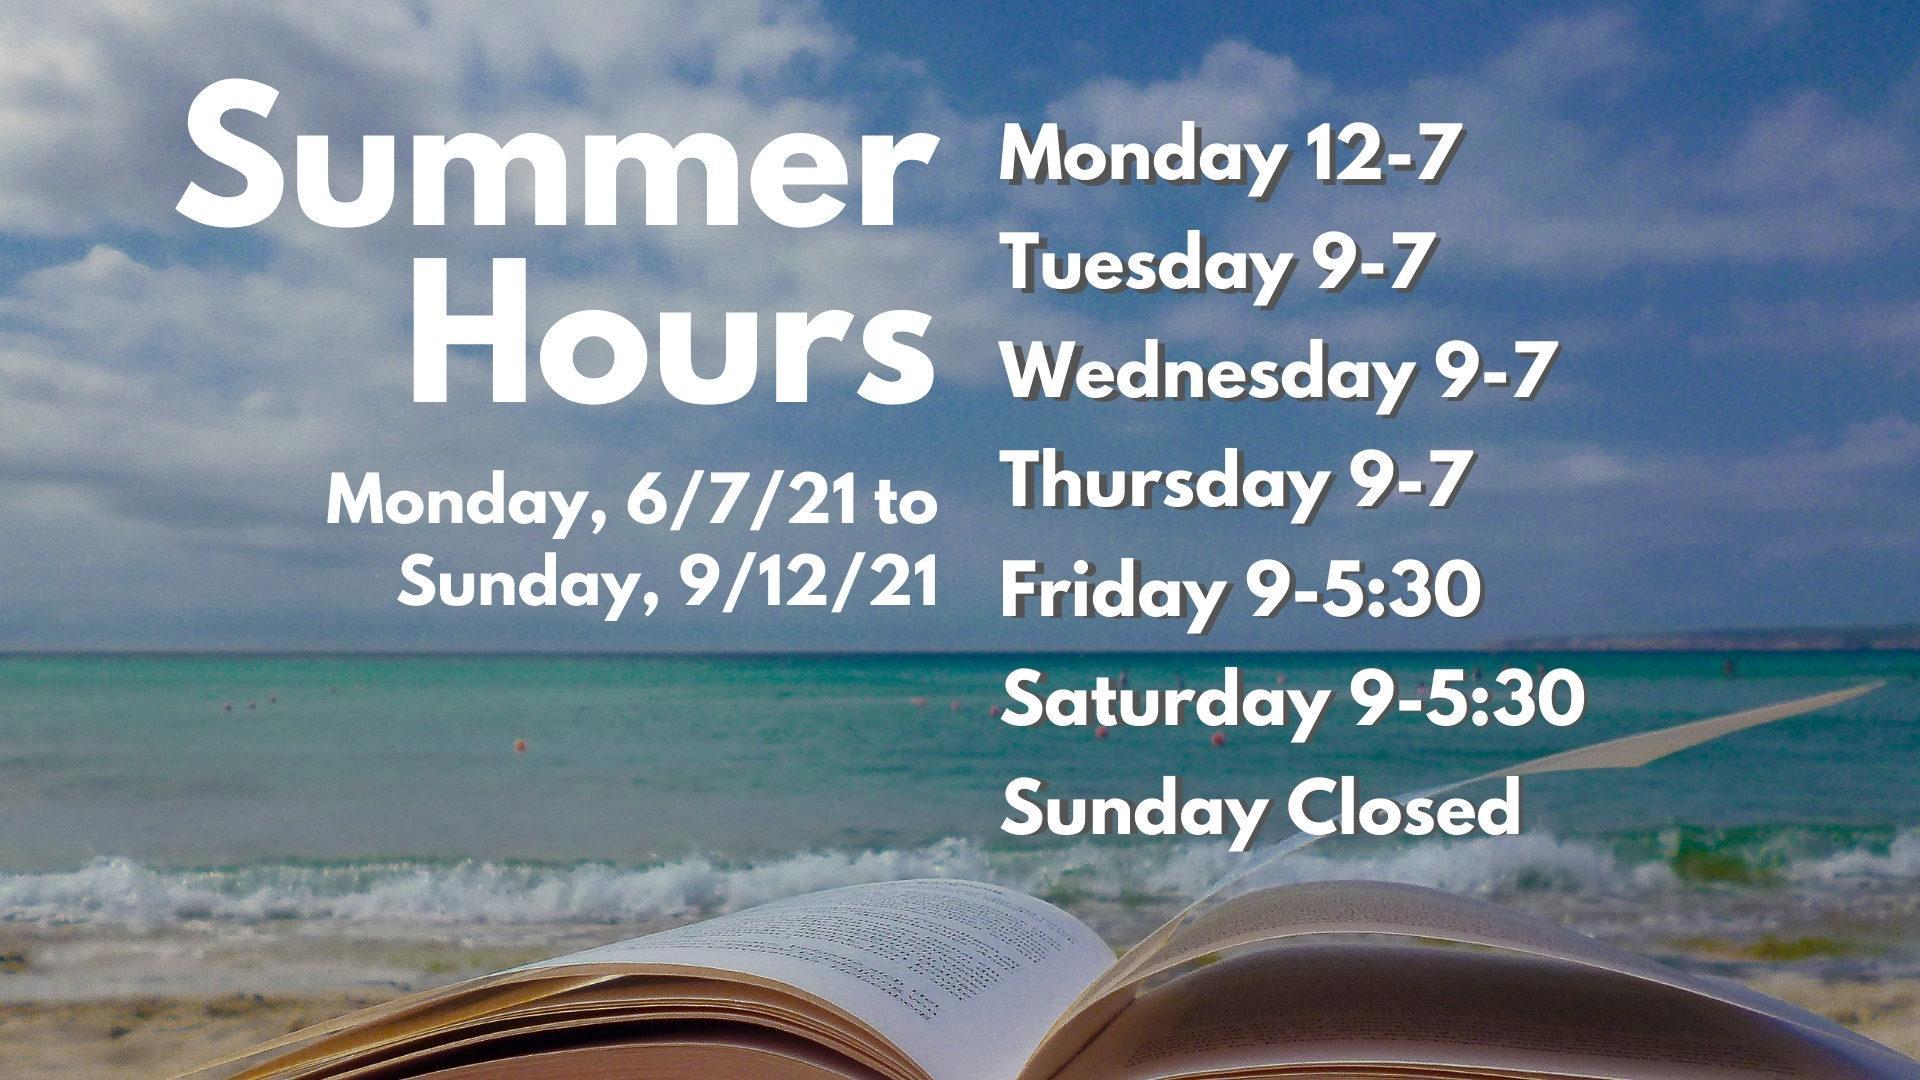 Summer Hours begin June 7